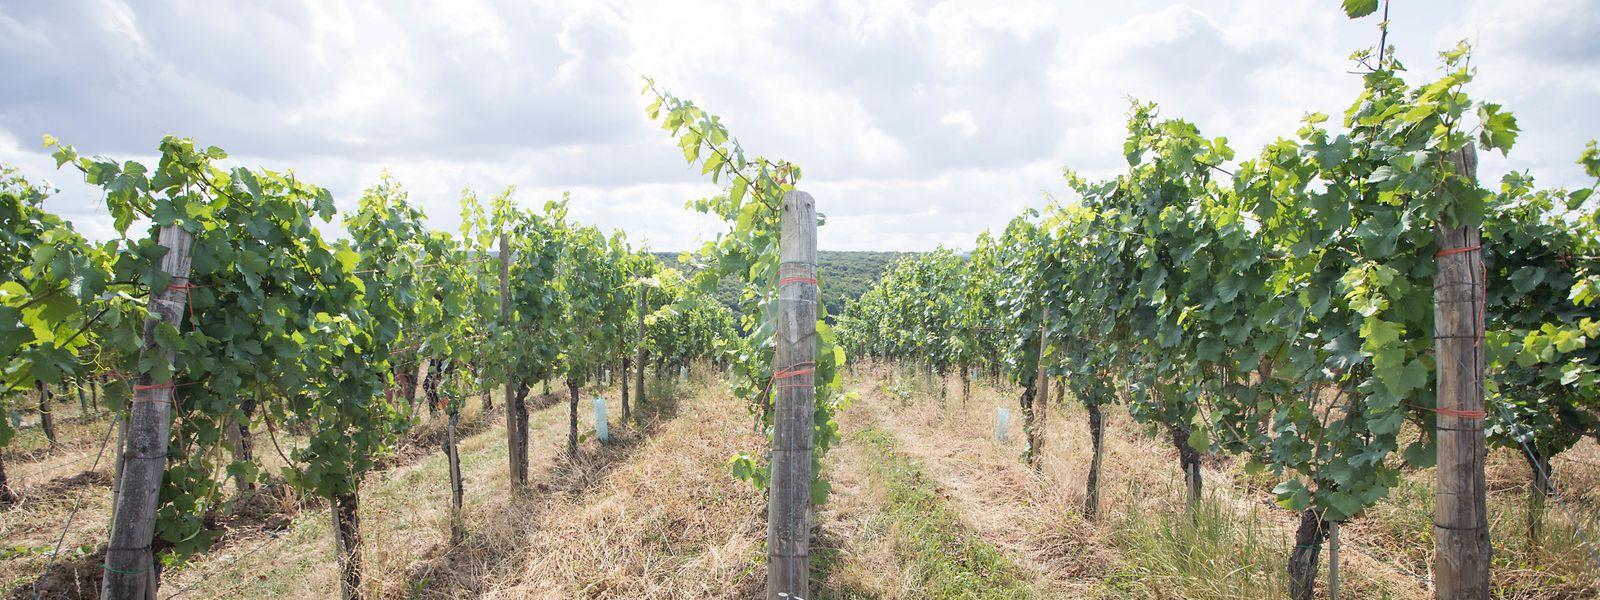 Mangels Regen trocknen die Böden in den Weinbergen zusehends weiter aus.